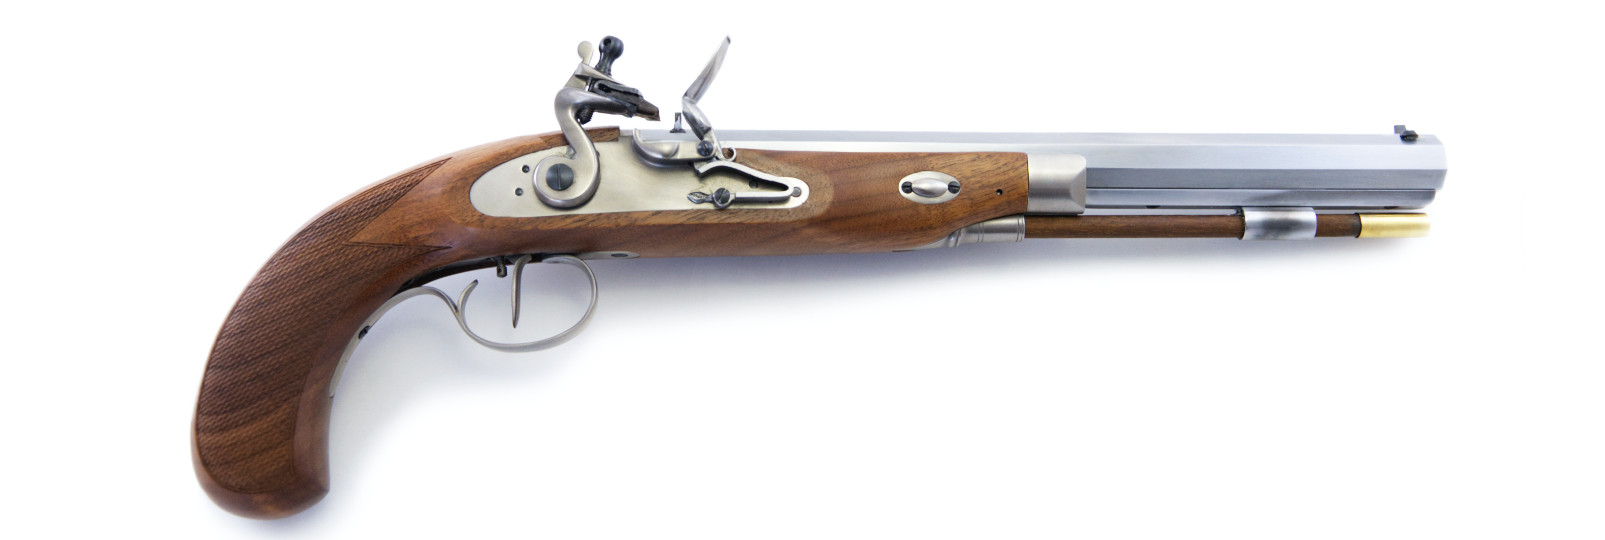 Charles Moore Target Pistol flintlock model